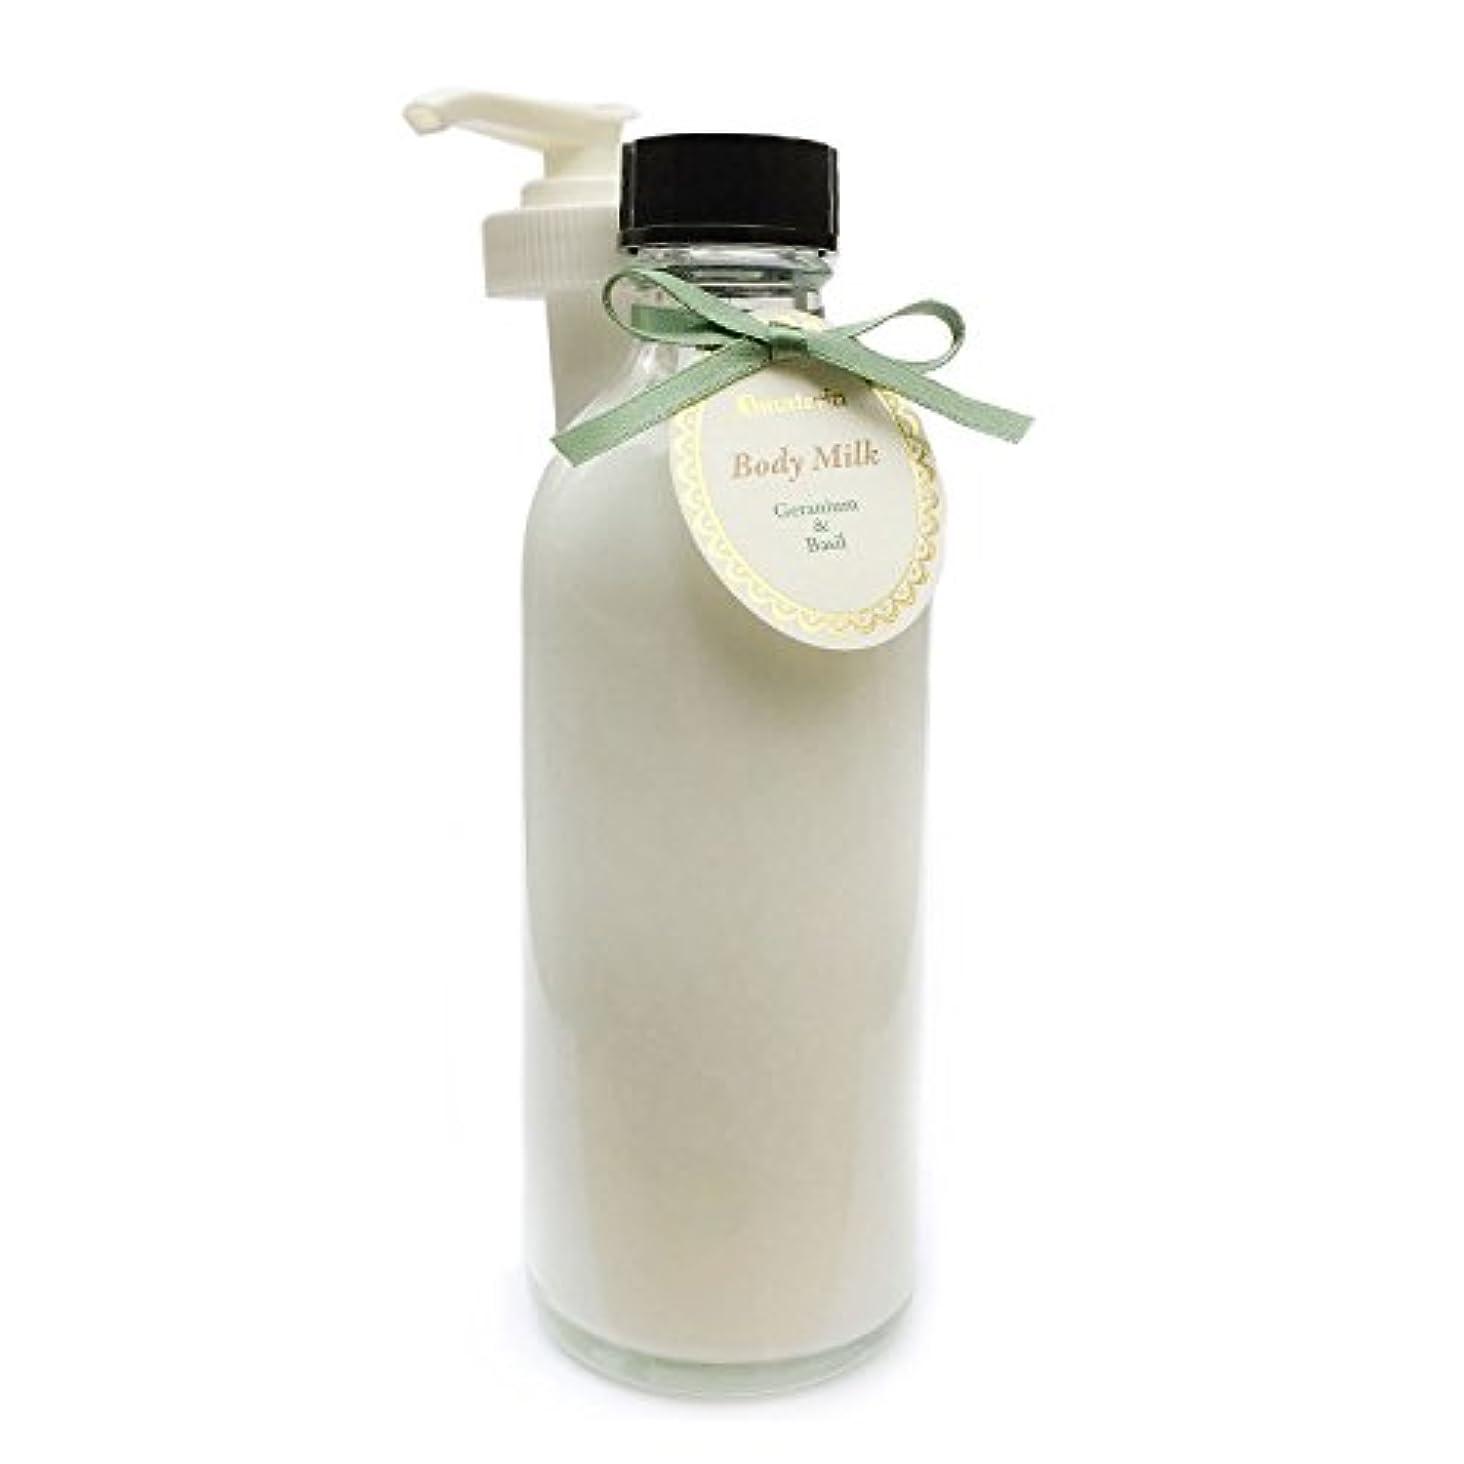 寝るエンドウ検索D materia ボディミルク ゼラニウム&バジル Geranium&Basil Body Milk ディーマテリア